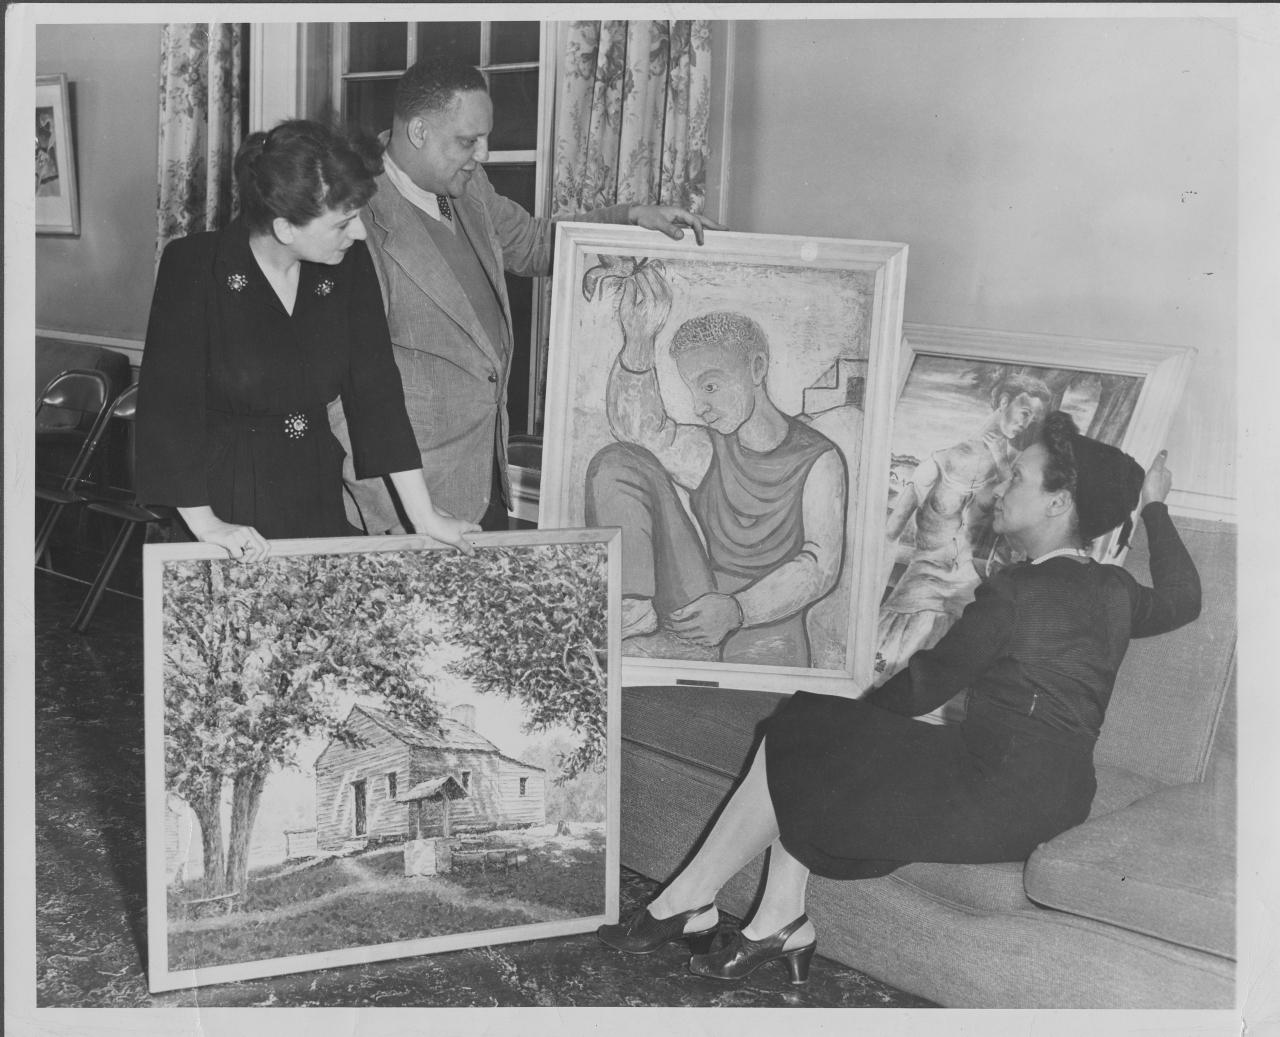 3 people look at artwork